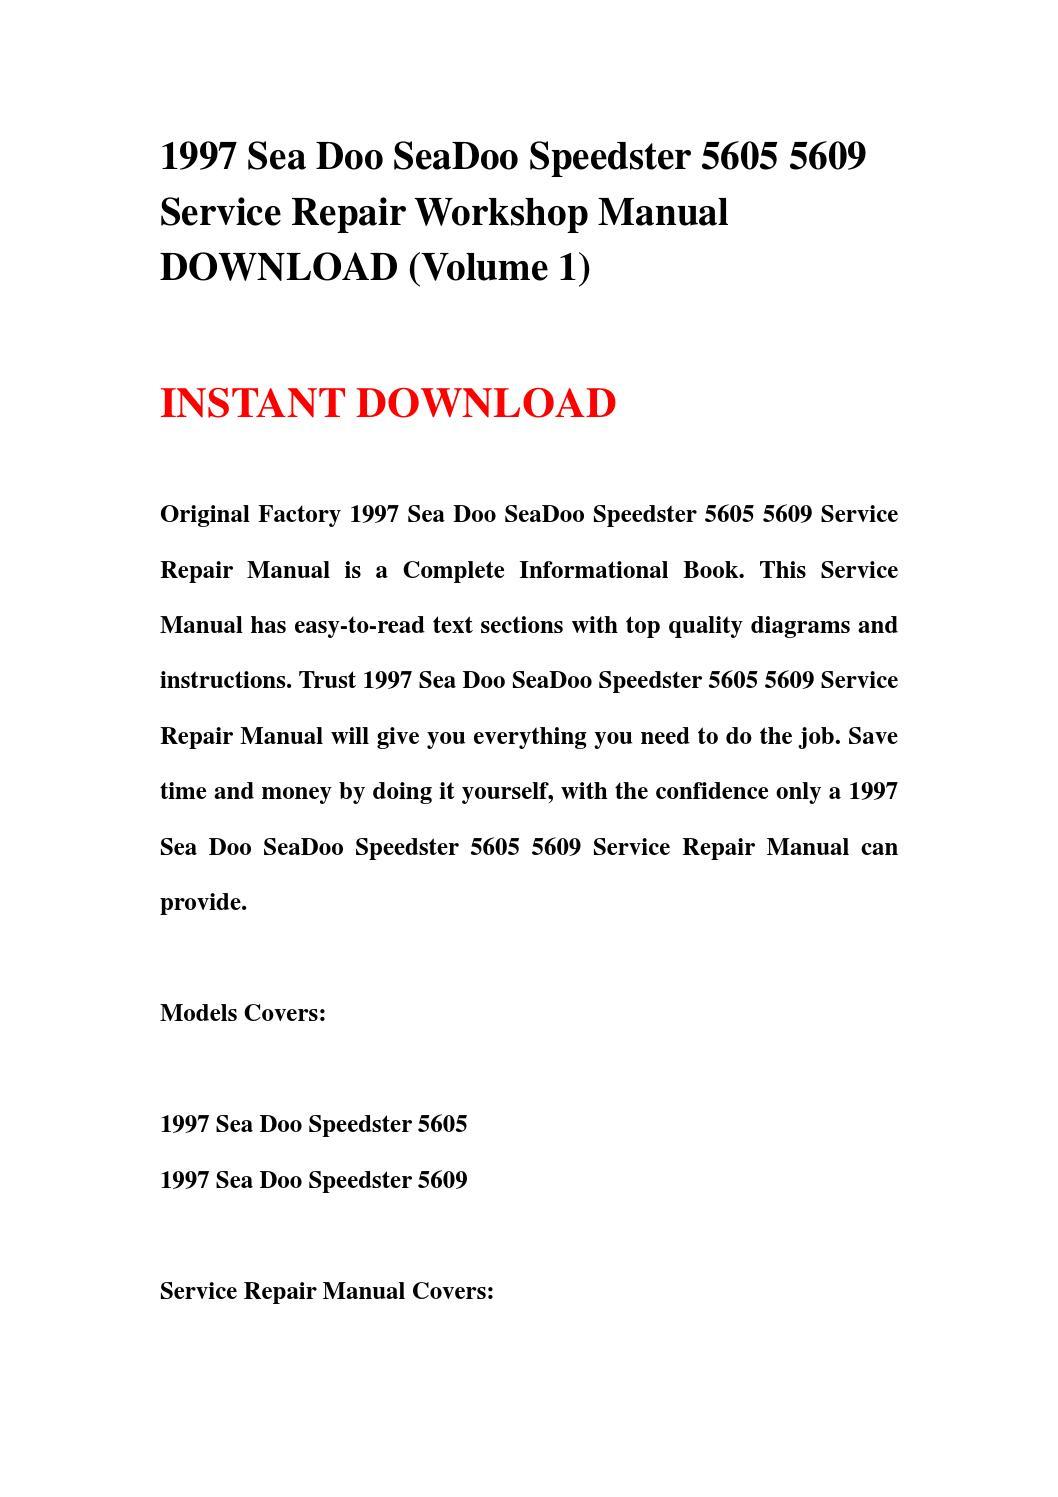 1997 sea doo seadoo speedster 5605 5609 service repair workshop manual  download (volume 1) by jjfhsbebf - issuu